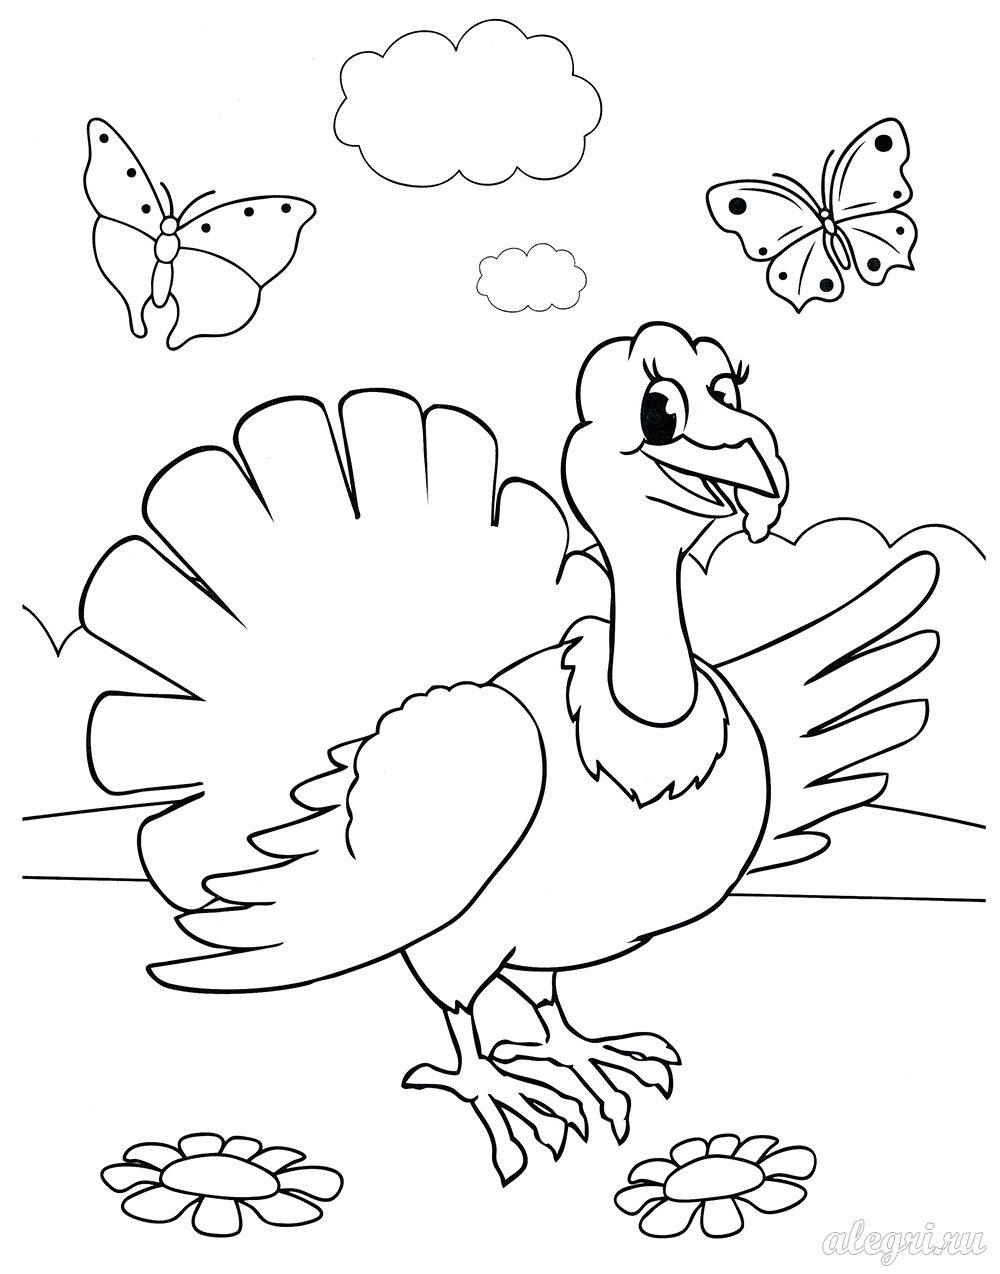 Индюк. Раскраска для детей дошкольников